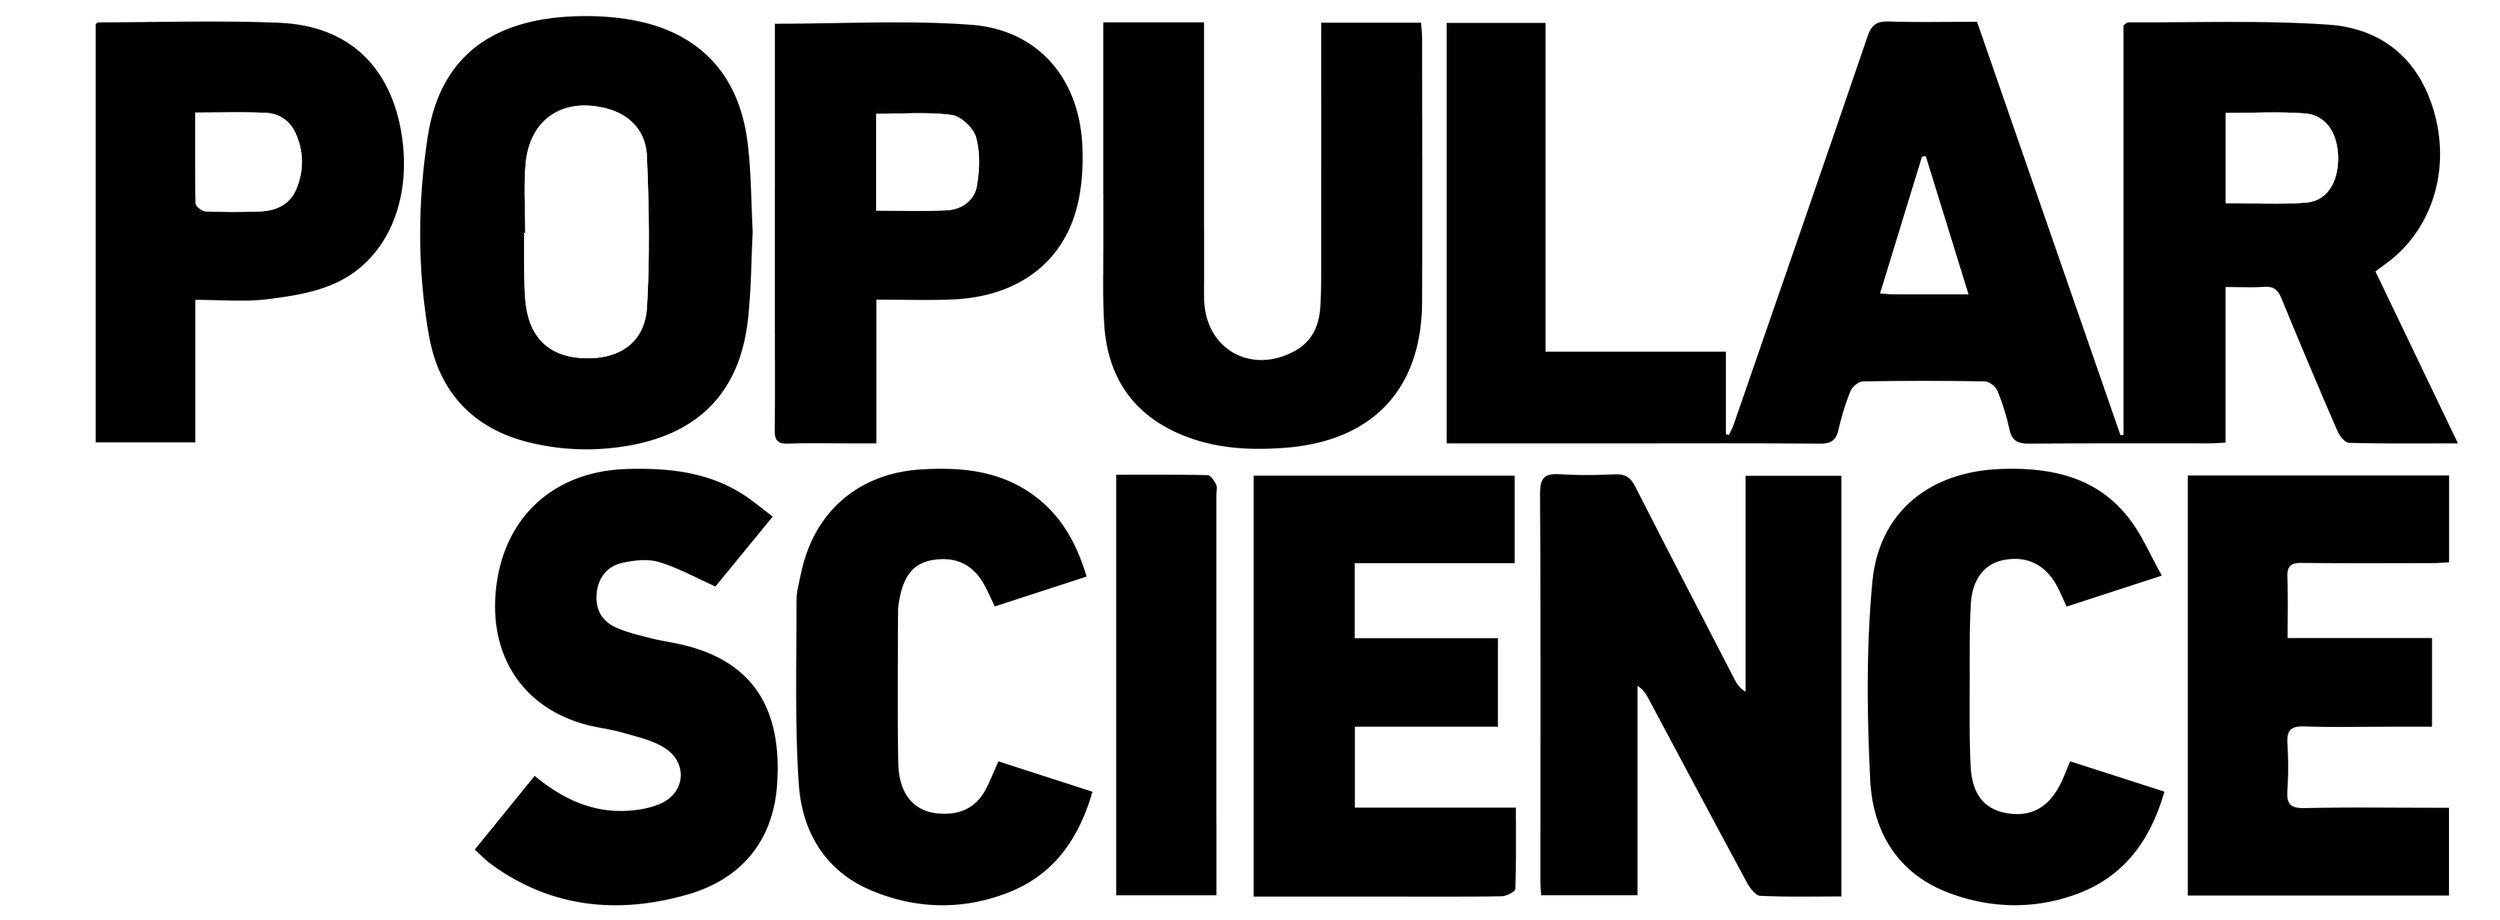 Popular-Science-logo2.jpg